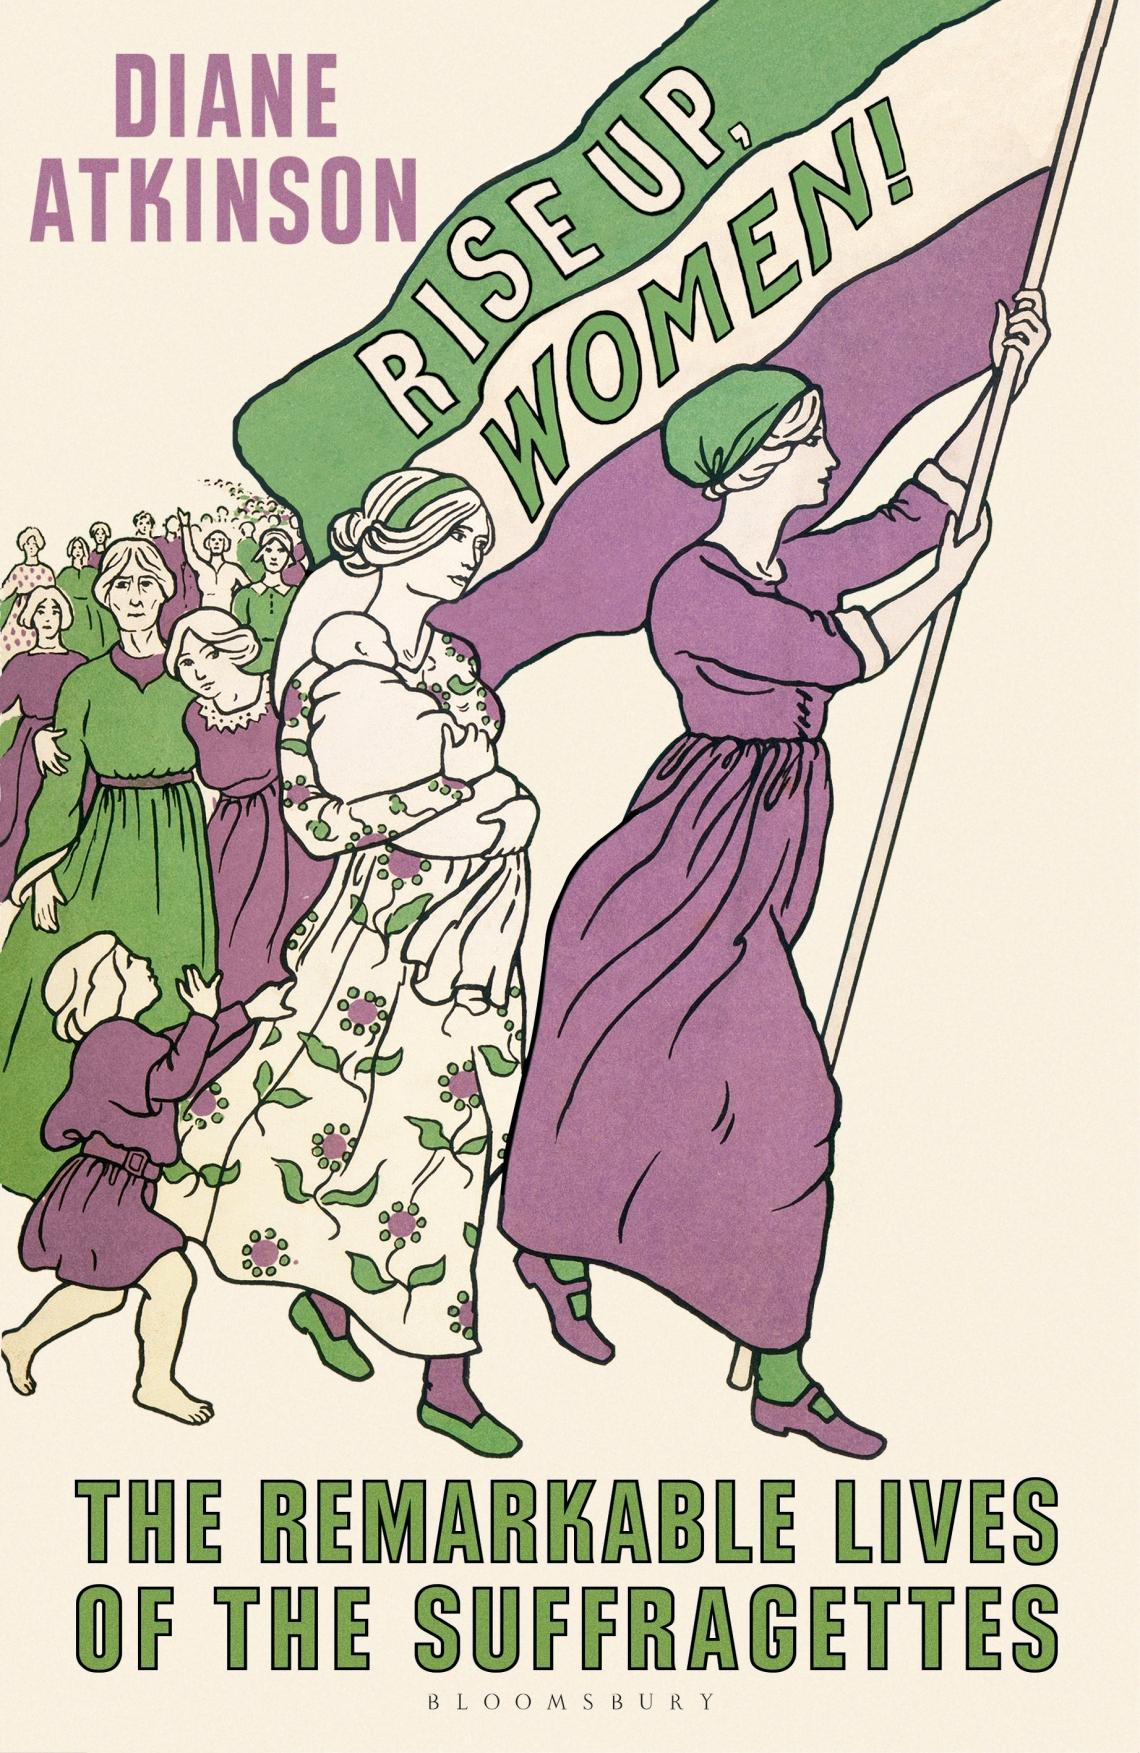 Diane Atkinson Rise Up Women